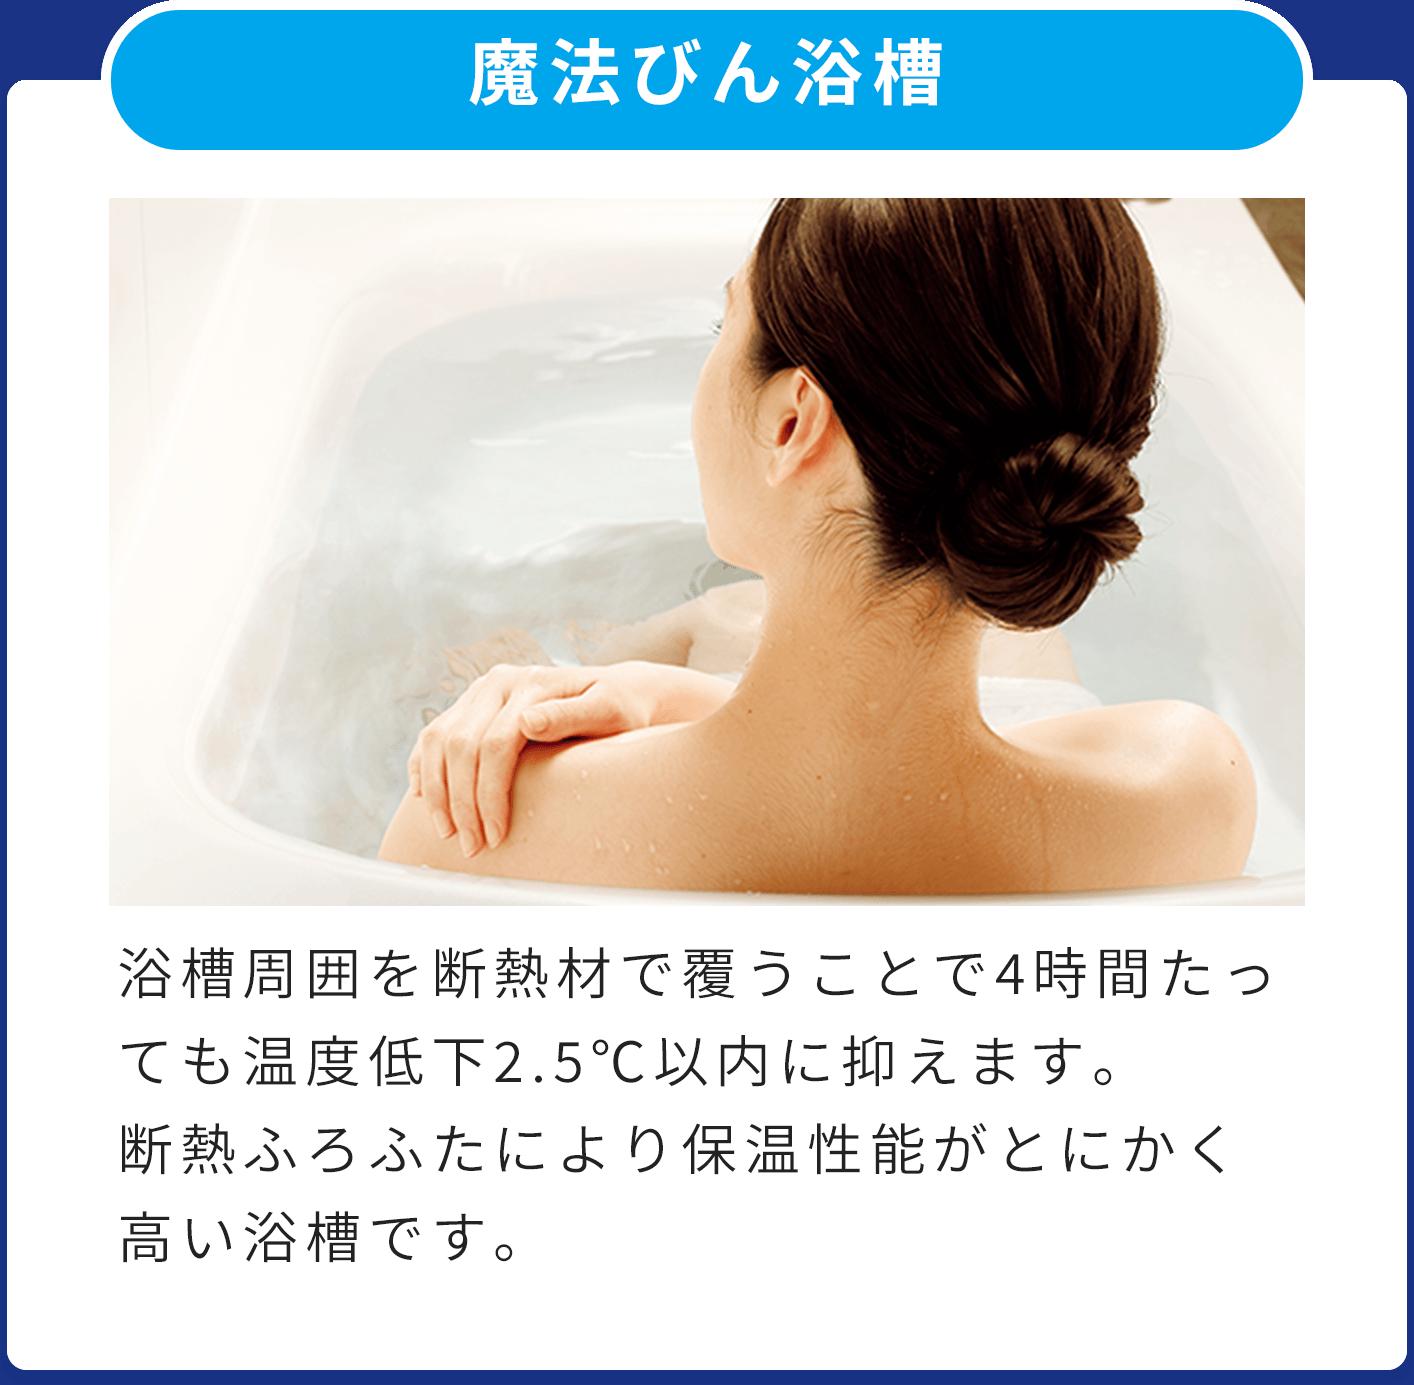 魔法びん浴槽 浴槽周囲を断熱材で覆うことで4時間たっても温度低下2.5℃以内に抑えます。断熱ふろふたにより保温性能がとにかく高い浴槽です。